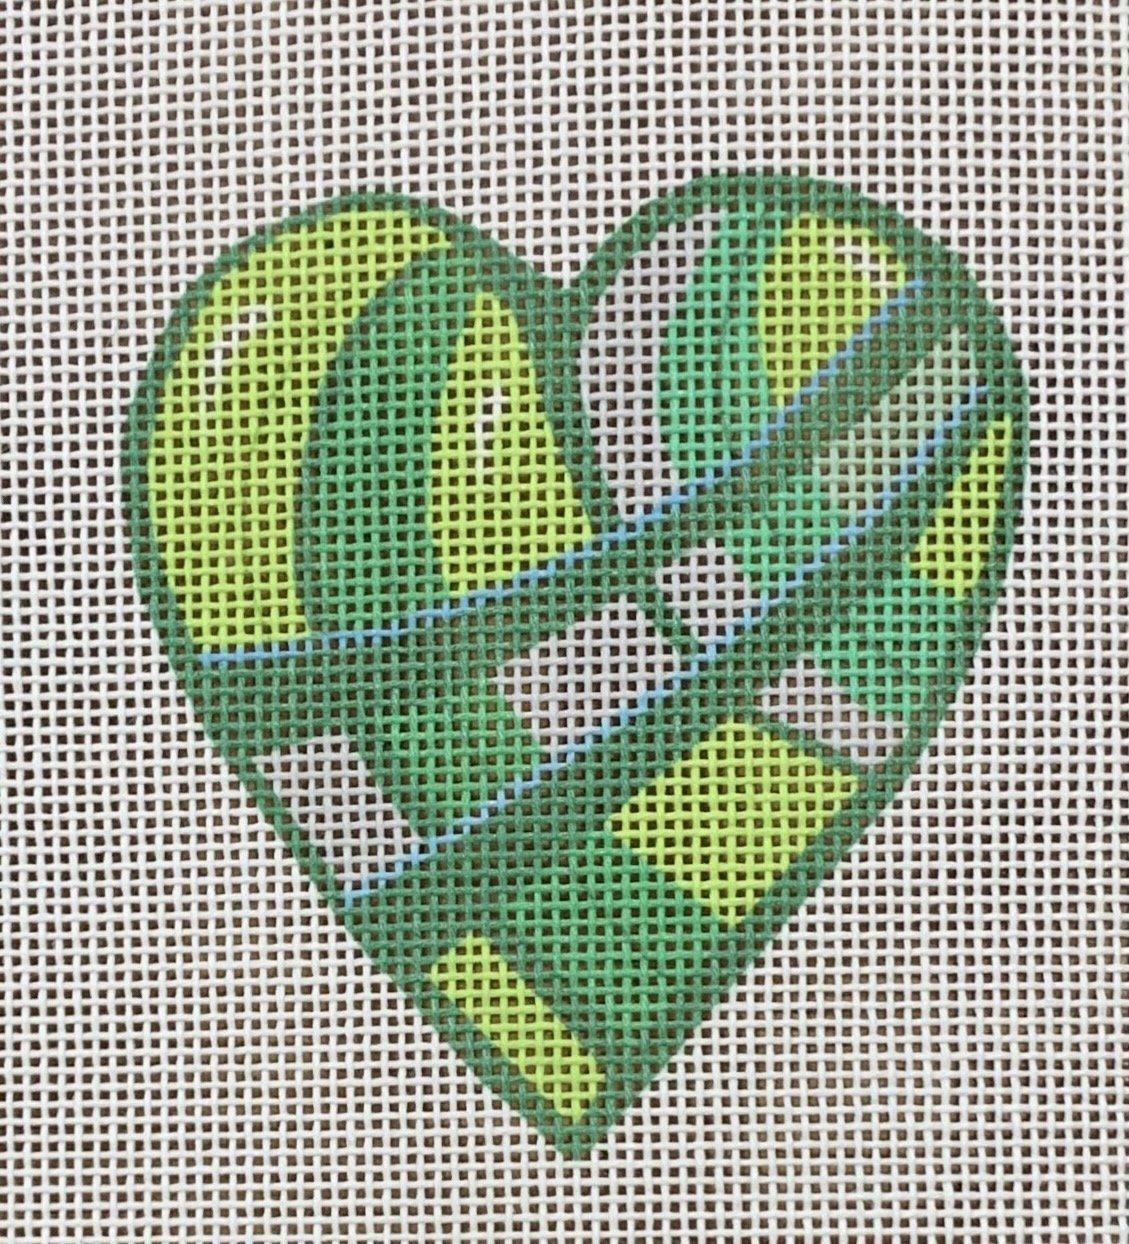 Green Paths Heart